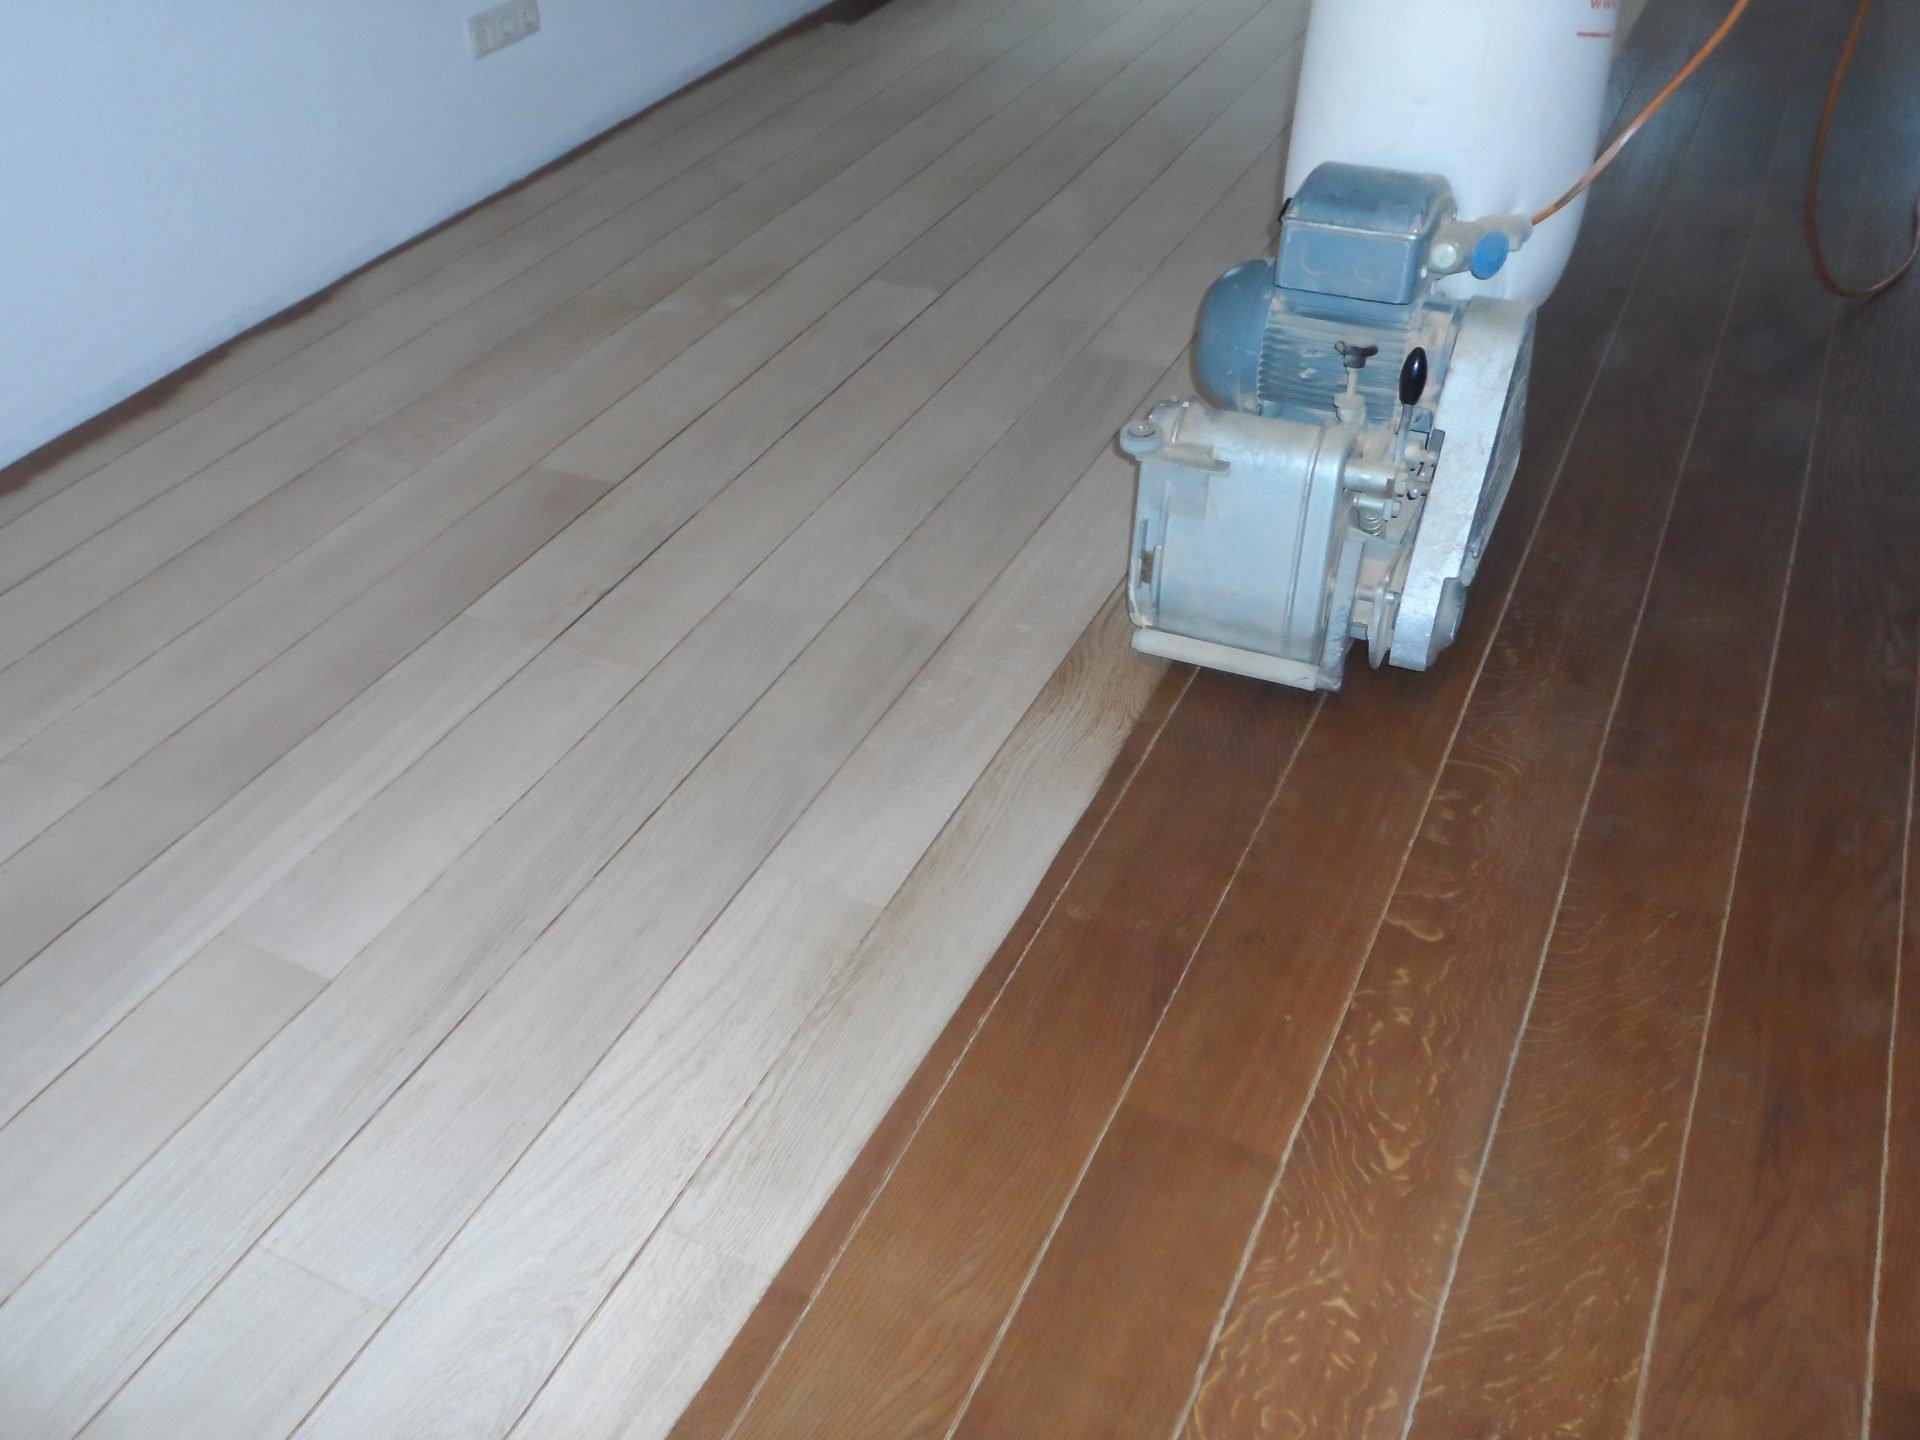 vloer-renovatie-Eiken-tapis-vloer-schuren-borsten-en-inkleuren-met-Ceranova-grijs-afwerken-met-een-naturelle-olie-1